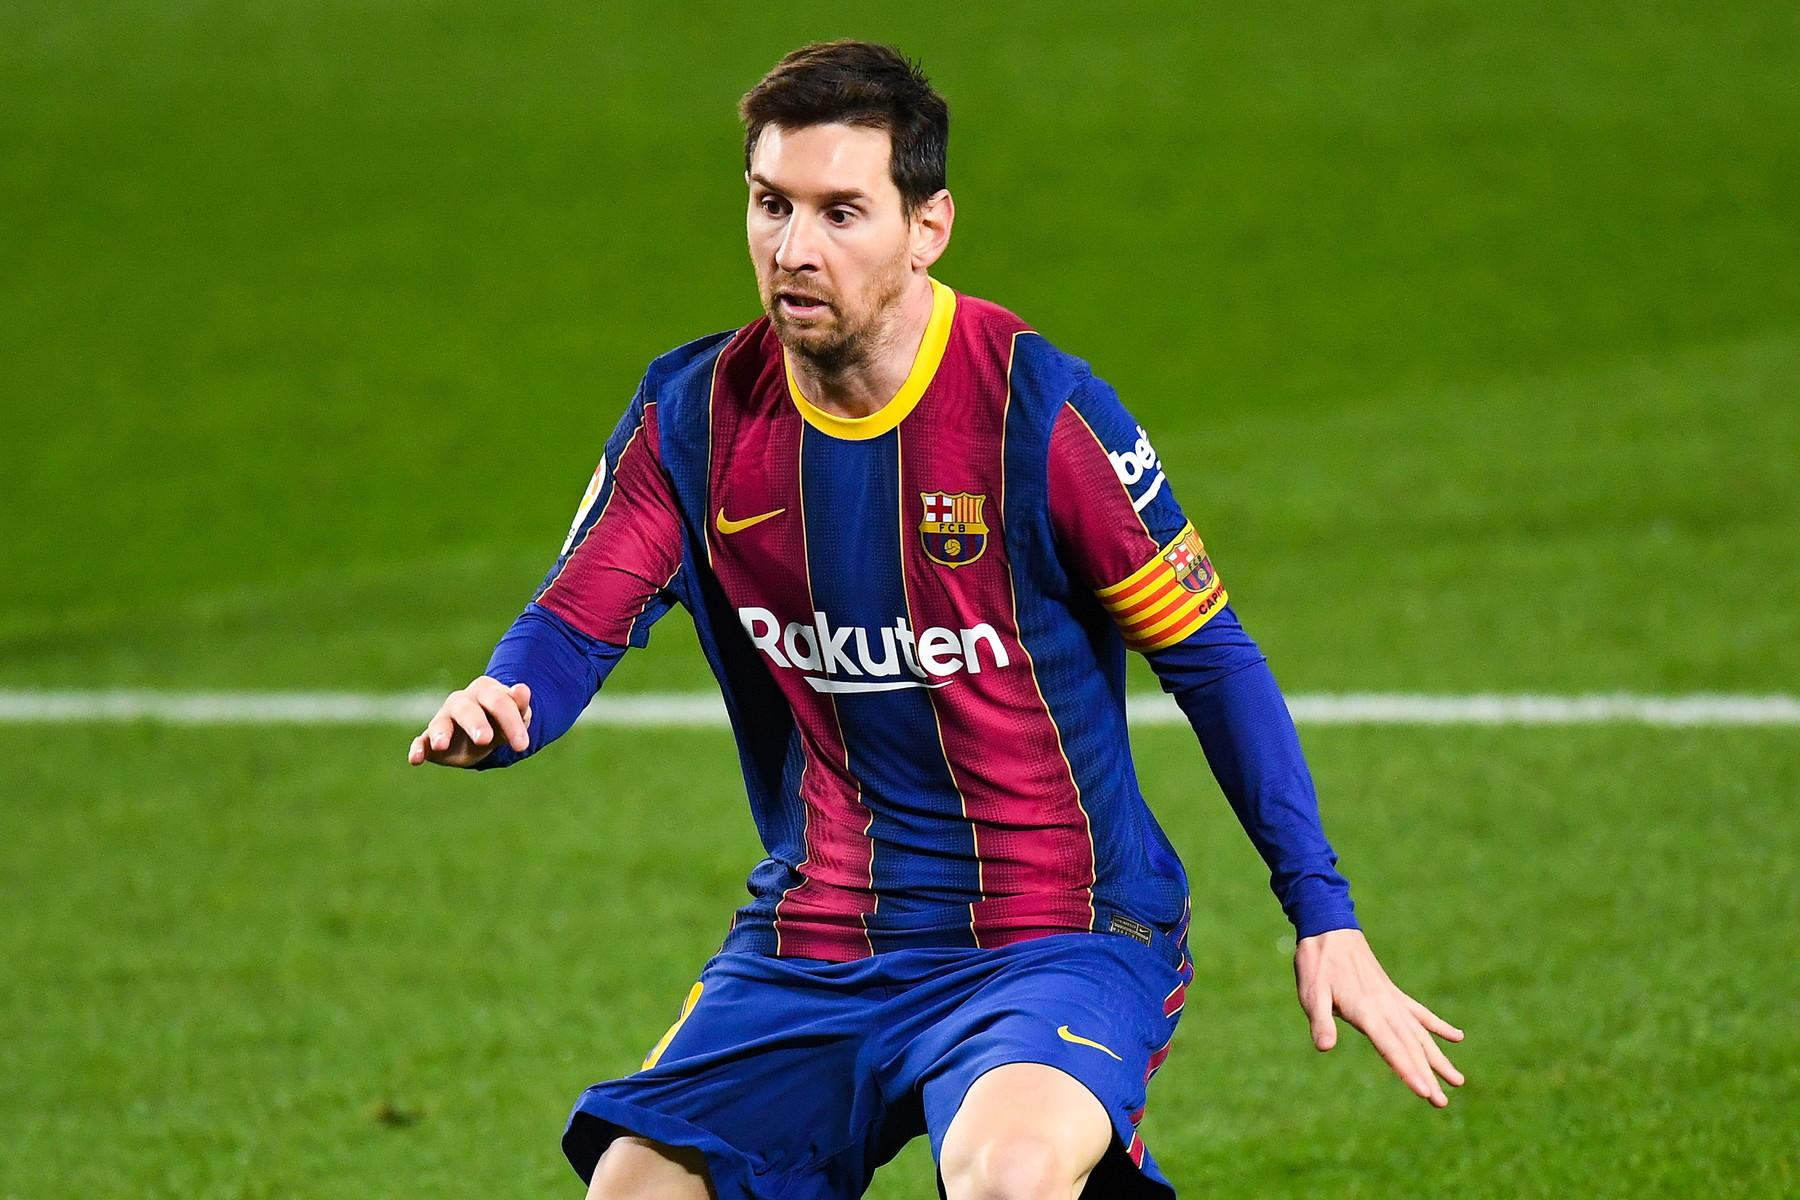 Attaccante: Messi (Barcellona)